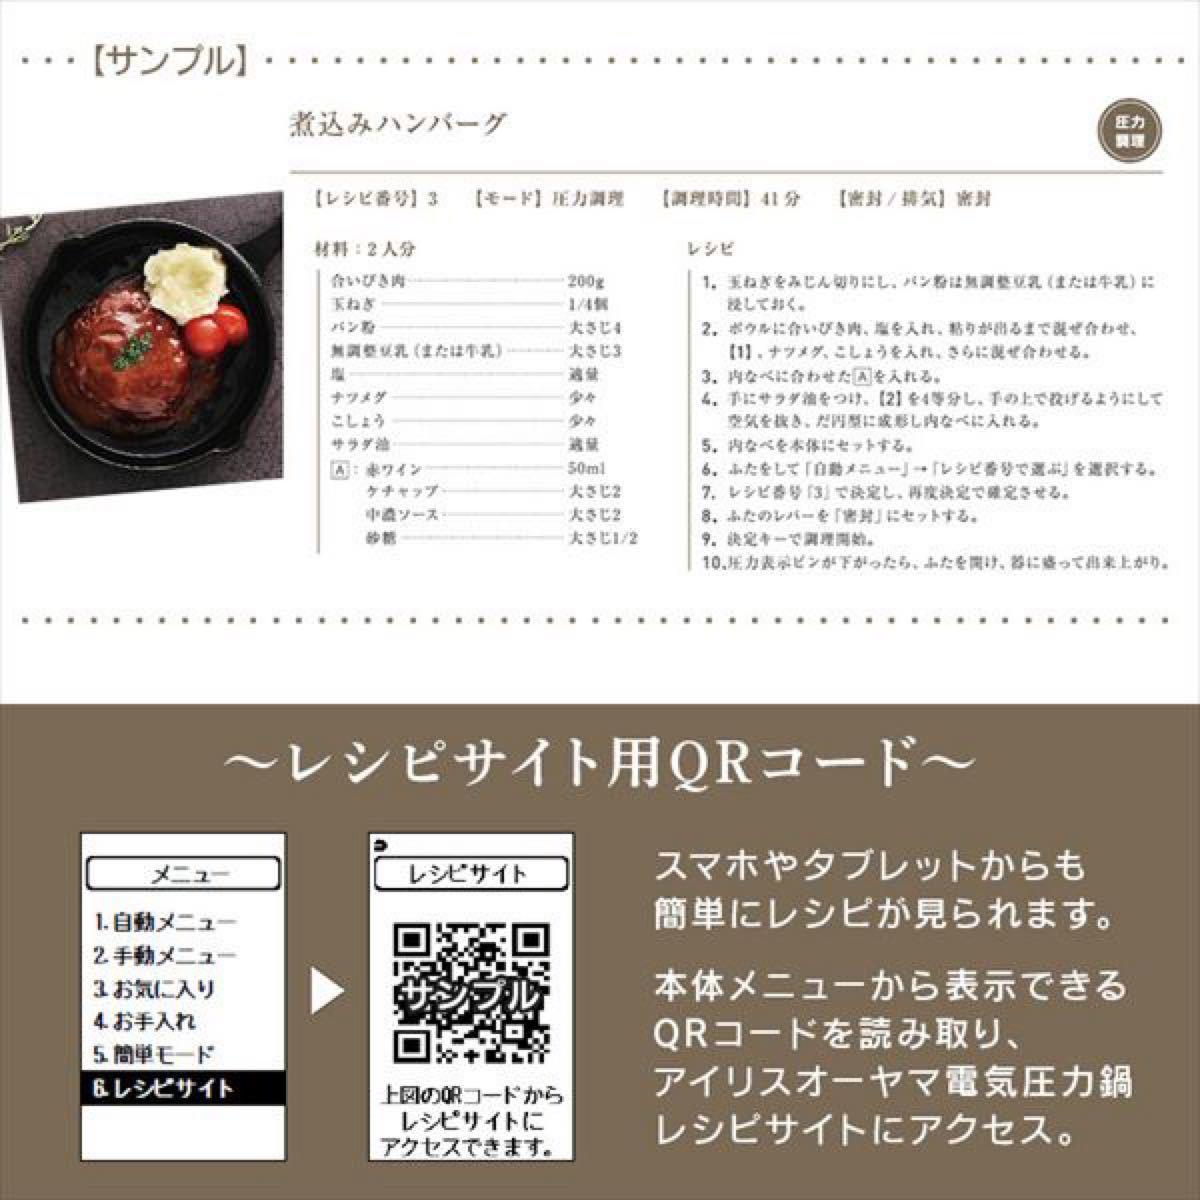 アイリスオーヤマ 電気圧力鍋 KPC-MA2-B